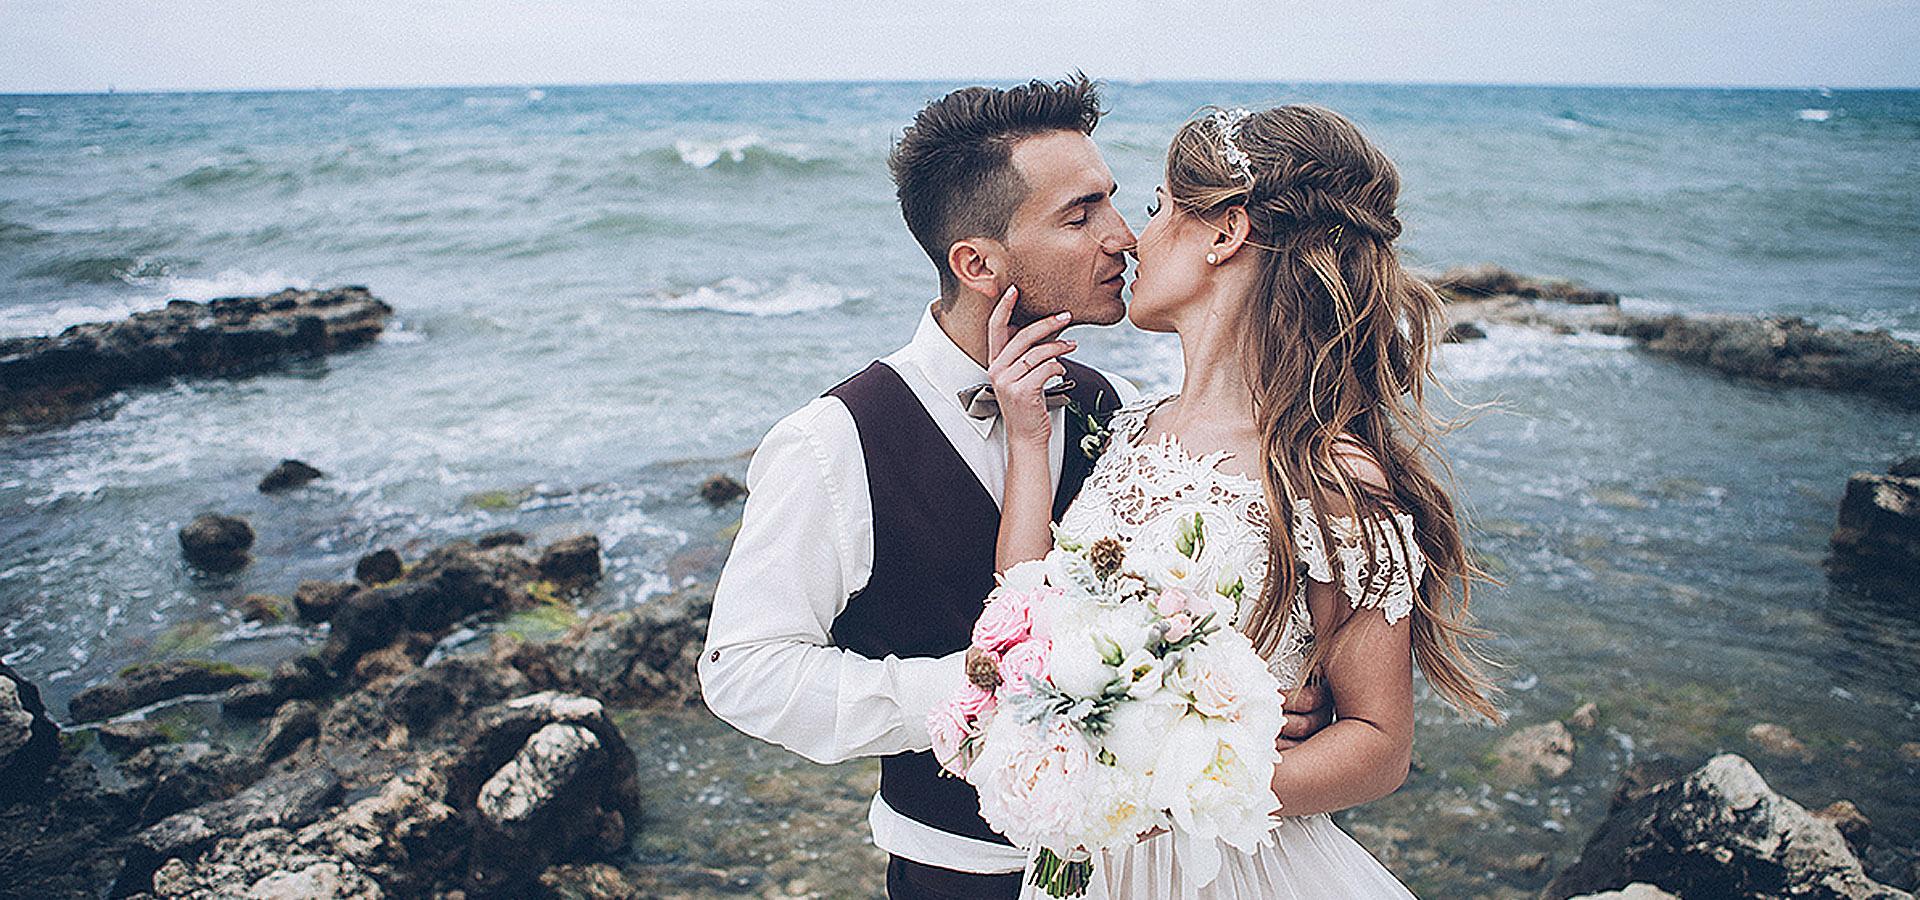 самые красивые пары на свадьбе фото тоже